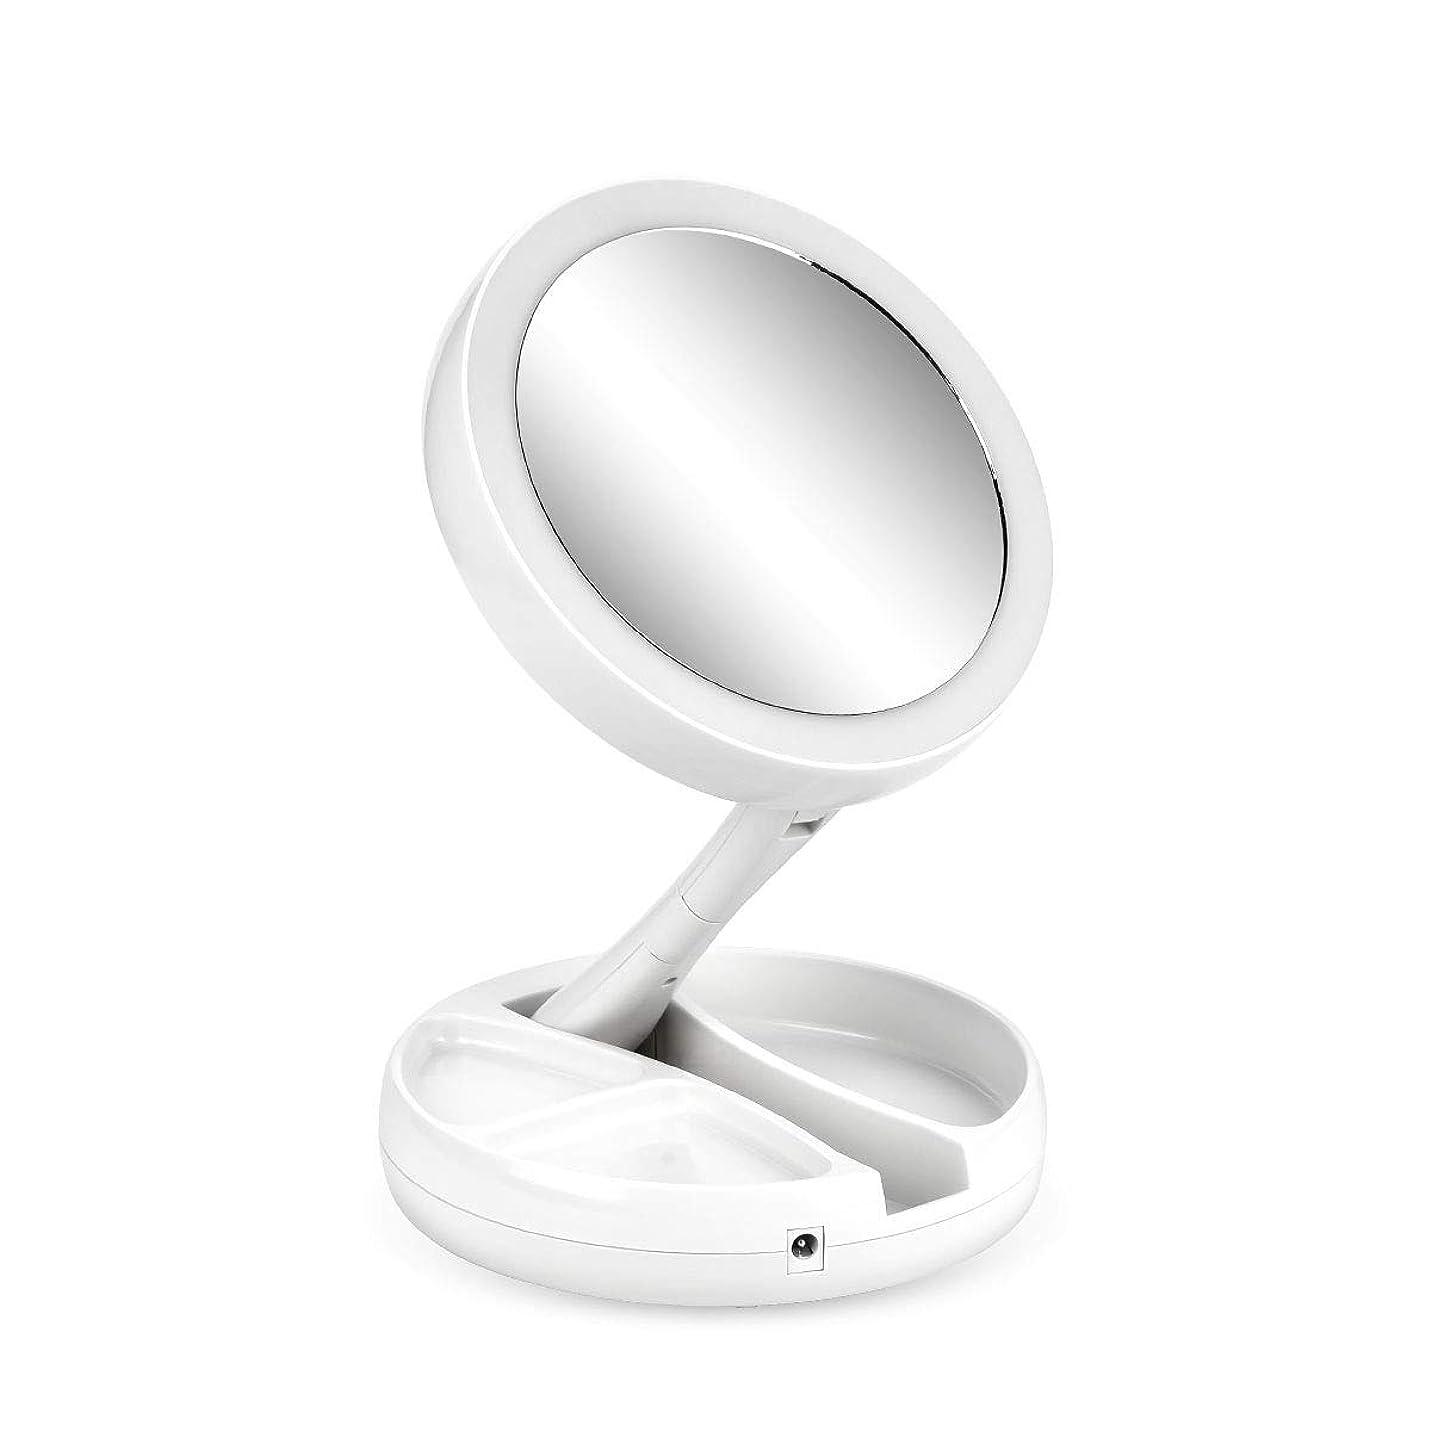 おっと性別無条件CkeyiN 化粧鏡 ledライト付きミラー 母の日ギフト 拡大鏡 10倍と等倍?両面鏡 折り畳み式